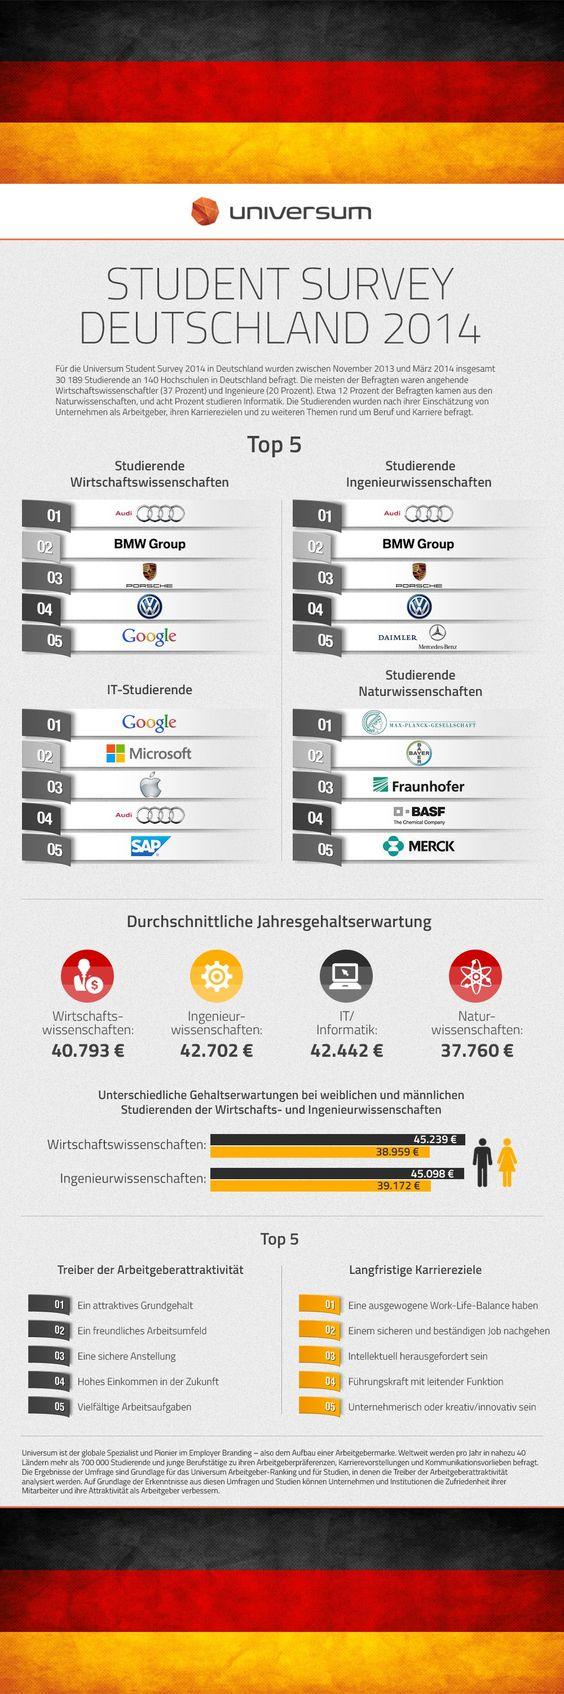 Wie sicherheitsbedürftig ist die GenerationY? Interview mit Deutschlandchef der Employer Branding Beratung Universum. Mit Infografik.